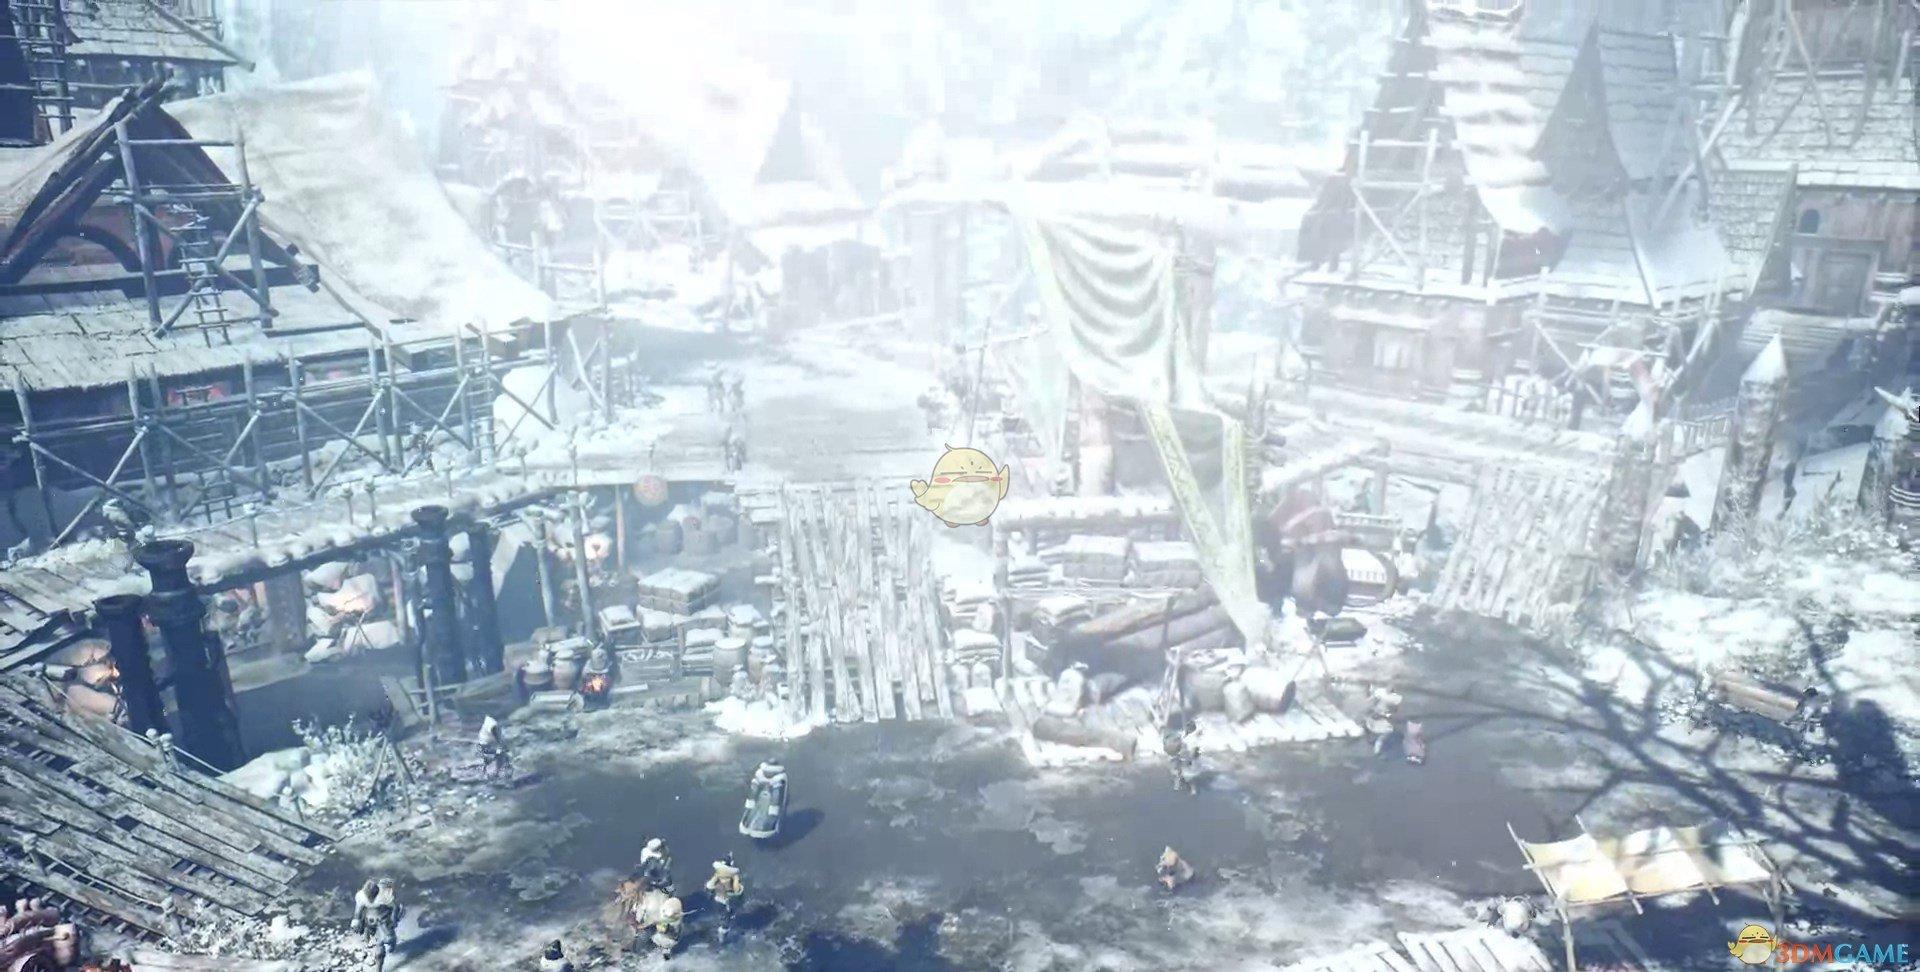 《怪物猎人:世界》冰原DLC轻弩回避装填效果介绍